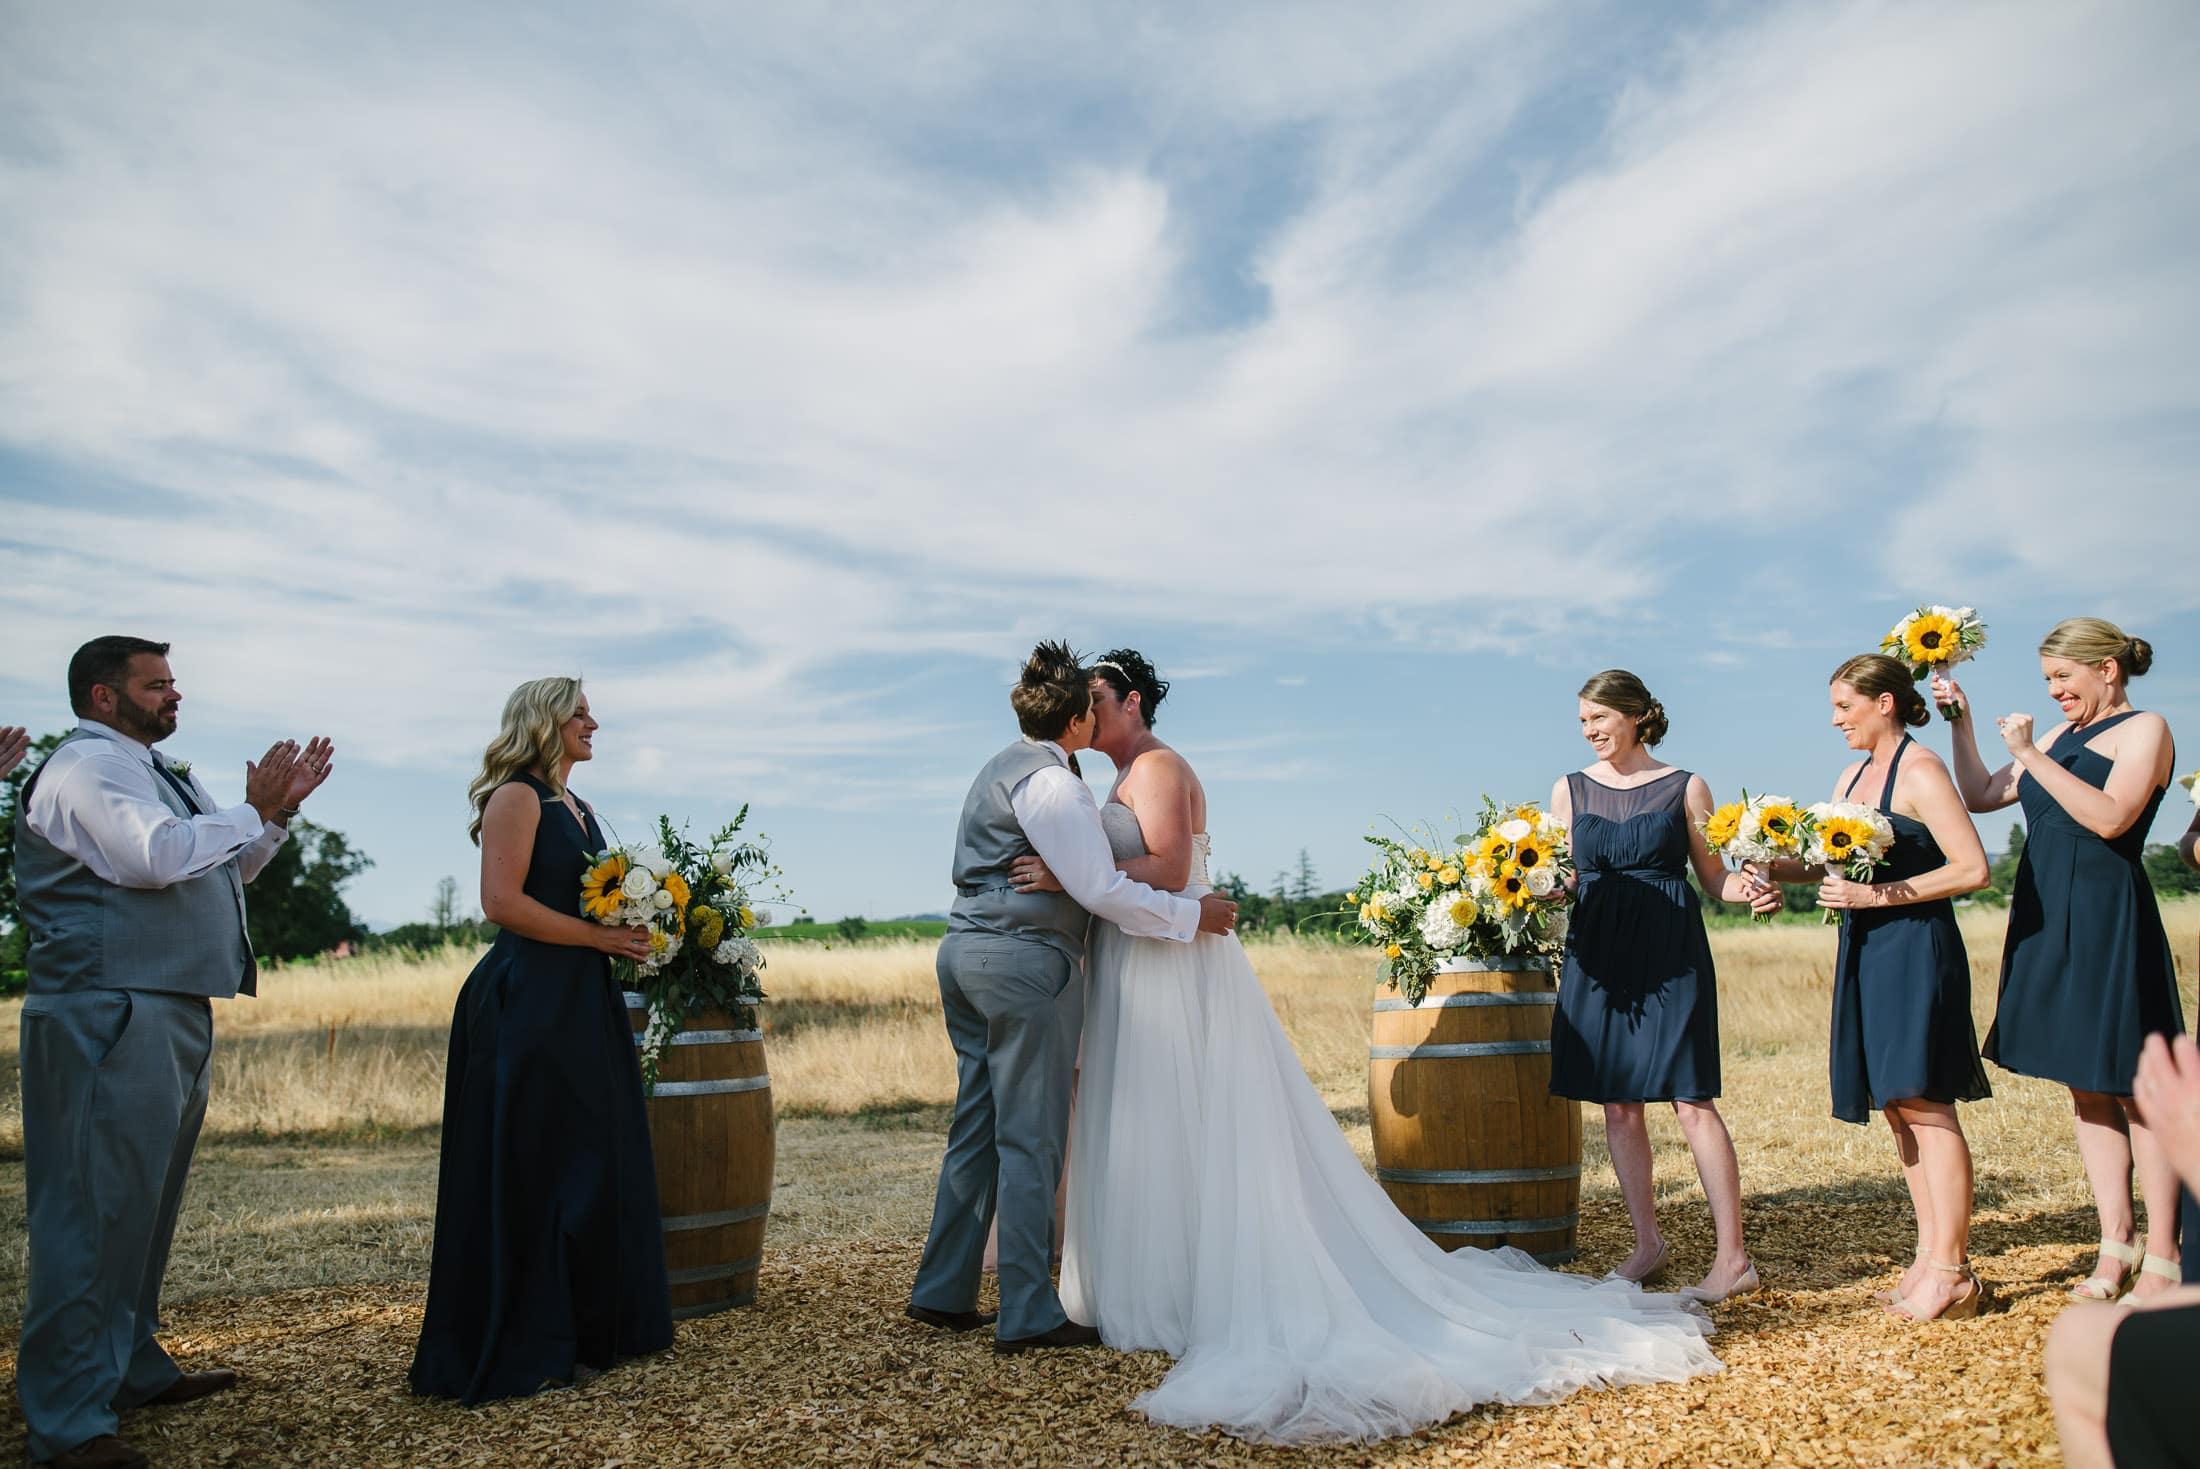 Family Ranch Sebastopol Same Sex Wedding ceremony